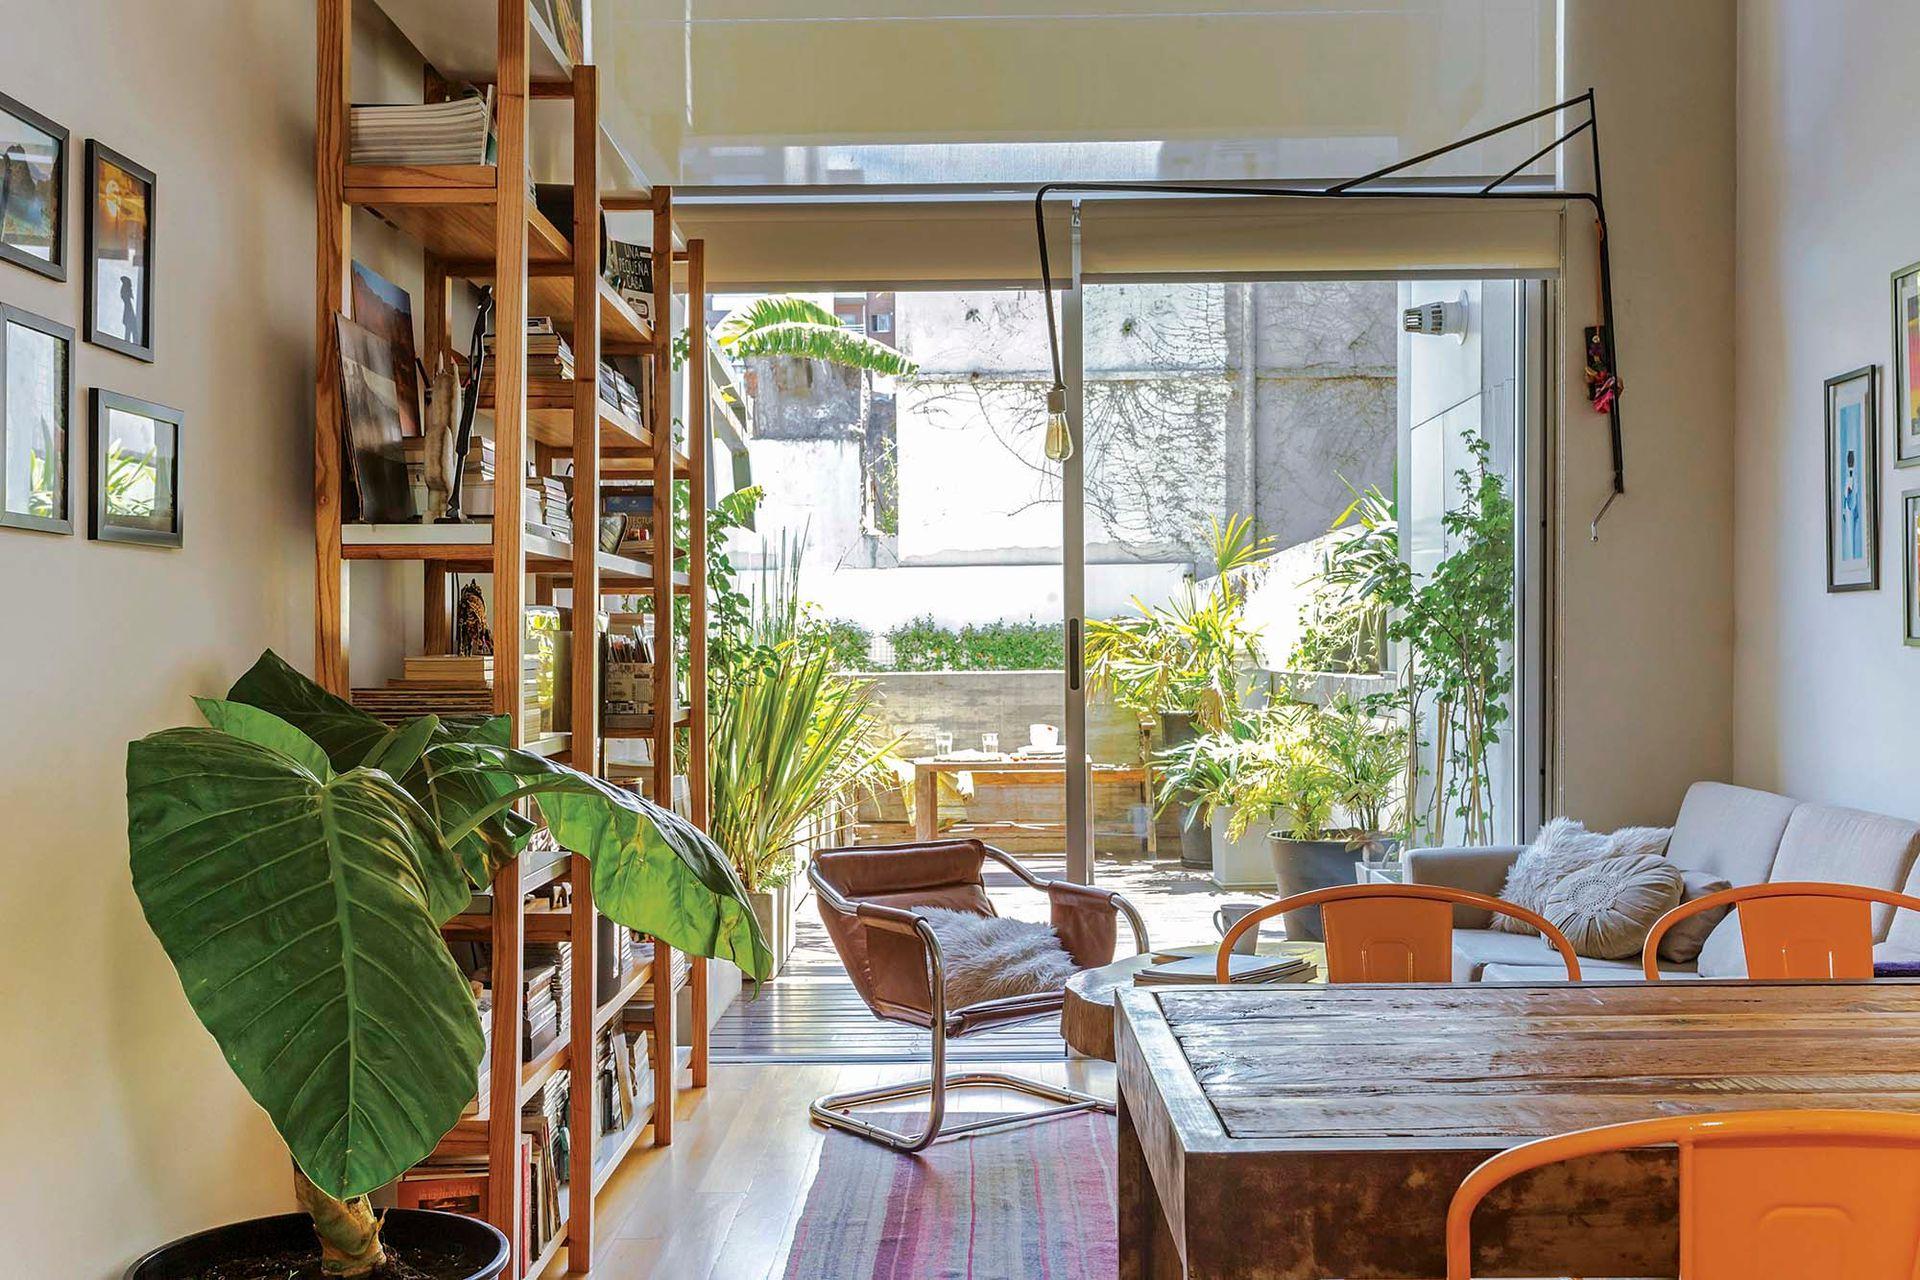 En el sector del living, sofá 'Grecia' de tres cuerpos con base de paraíso (Flip Haus), sillón individual comprado en una feria de La Plata y alfombra traída de un viaje.